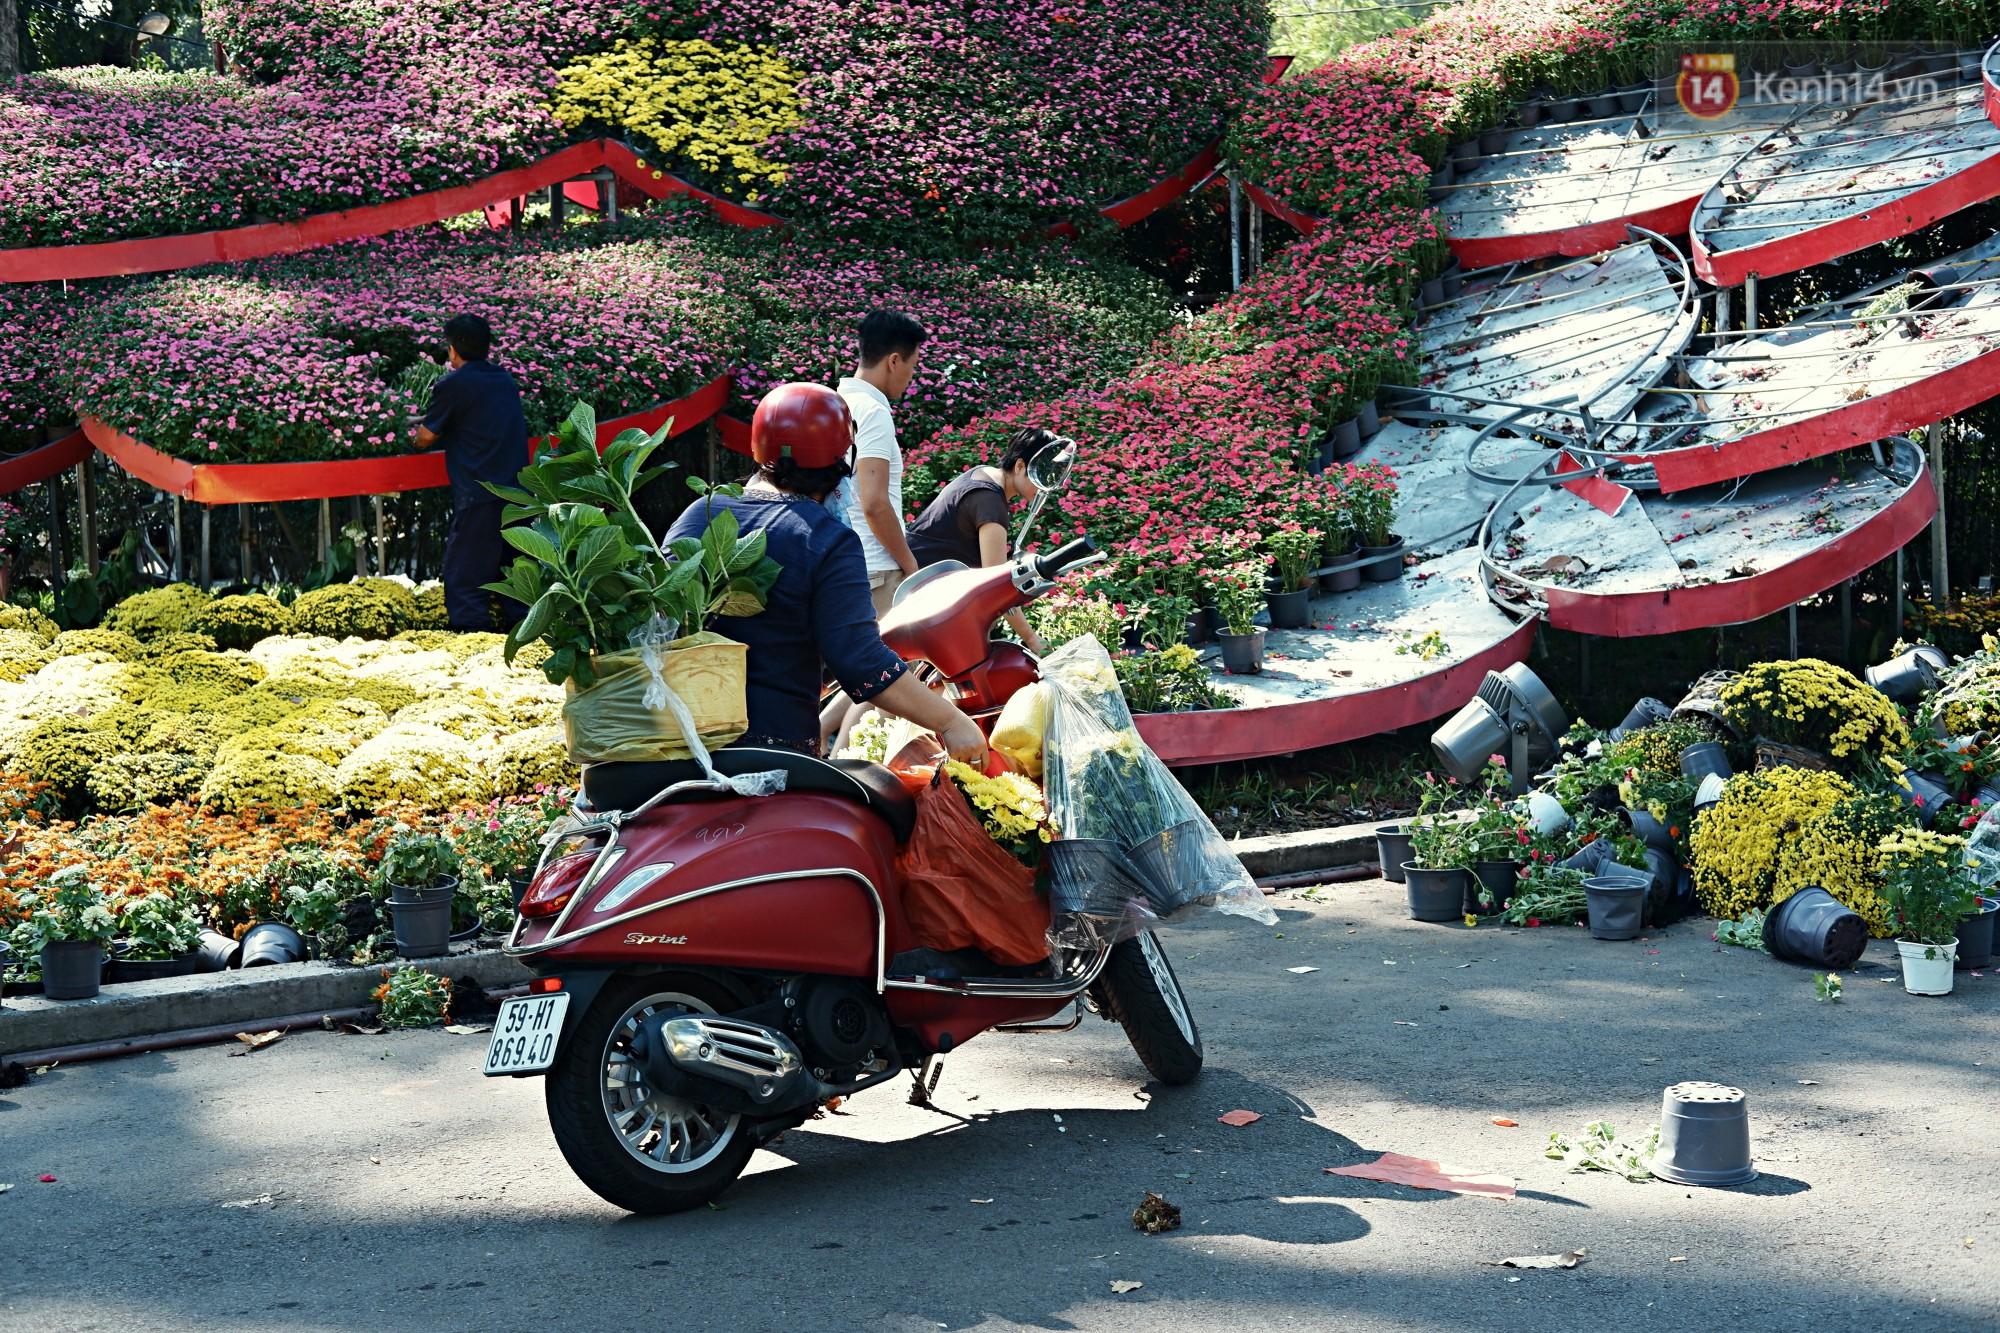 Hội hoa Xuân kết thúc, người dân Sài Gòn hào hứng xin hoa miễn phí về chưng cho đỡ uổng phí - Ảnh 5.